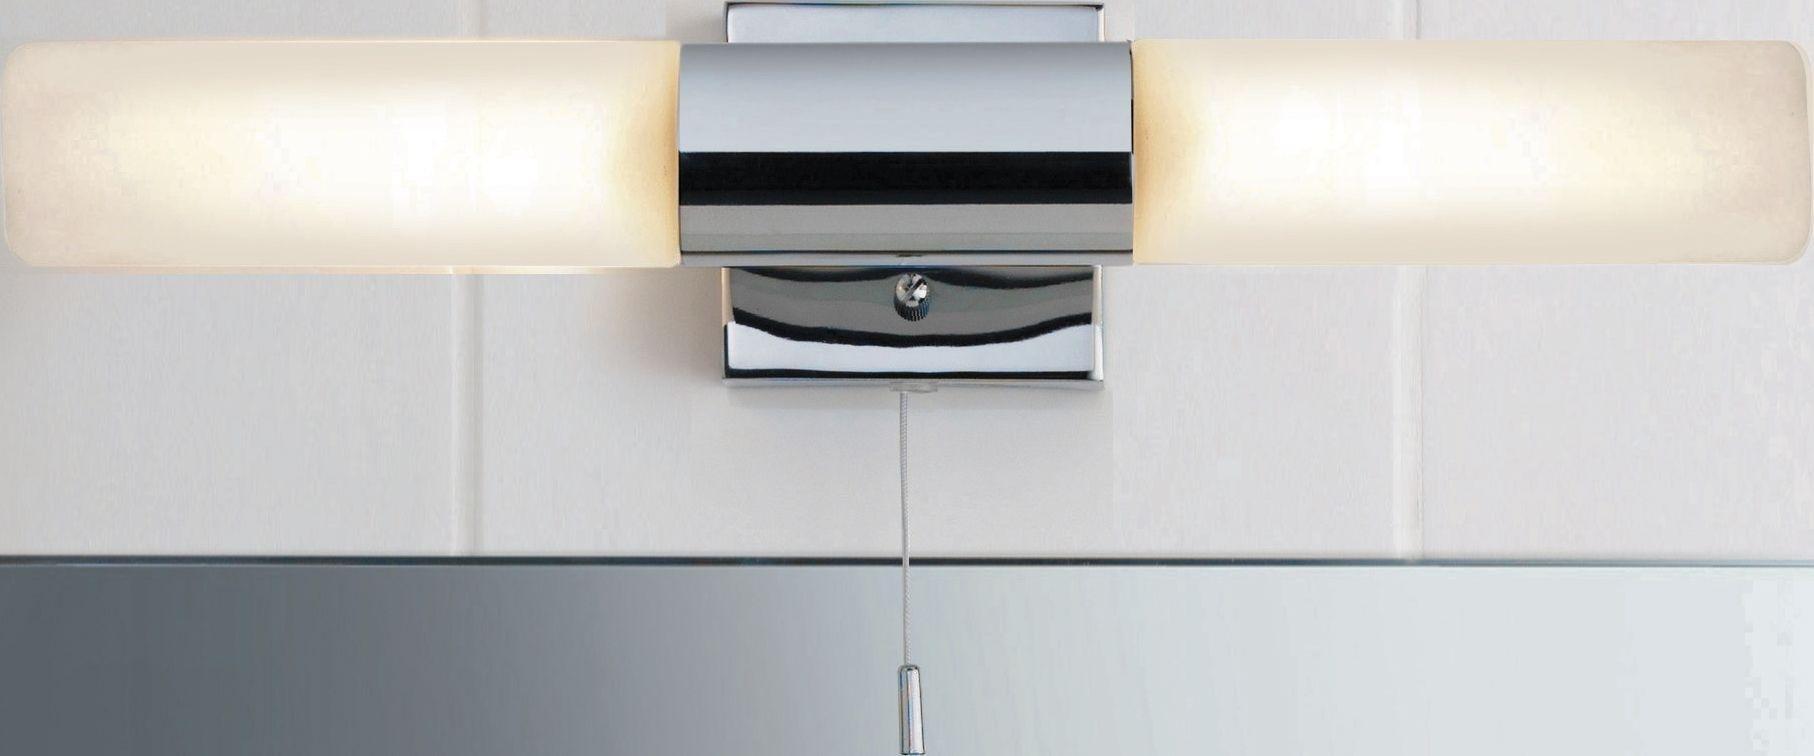 Bathroom Light Pulls Argos buy home 2 light bathroom halogen wall fitting - silver at argos